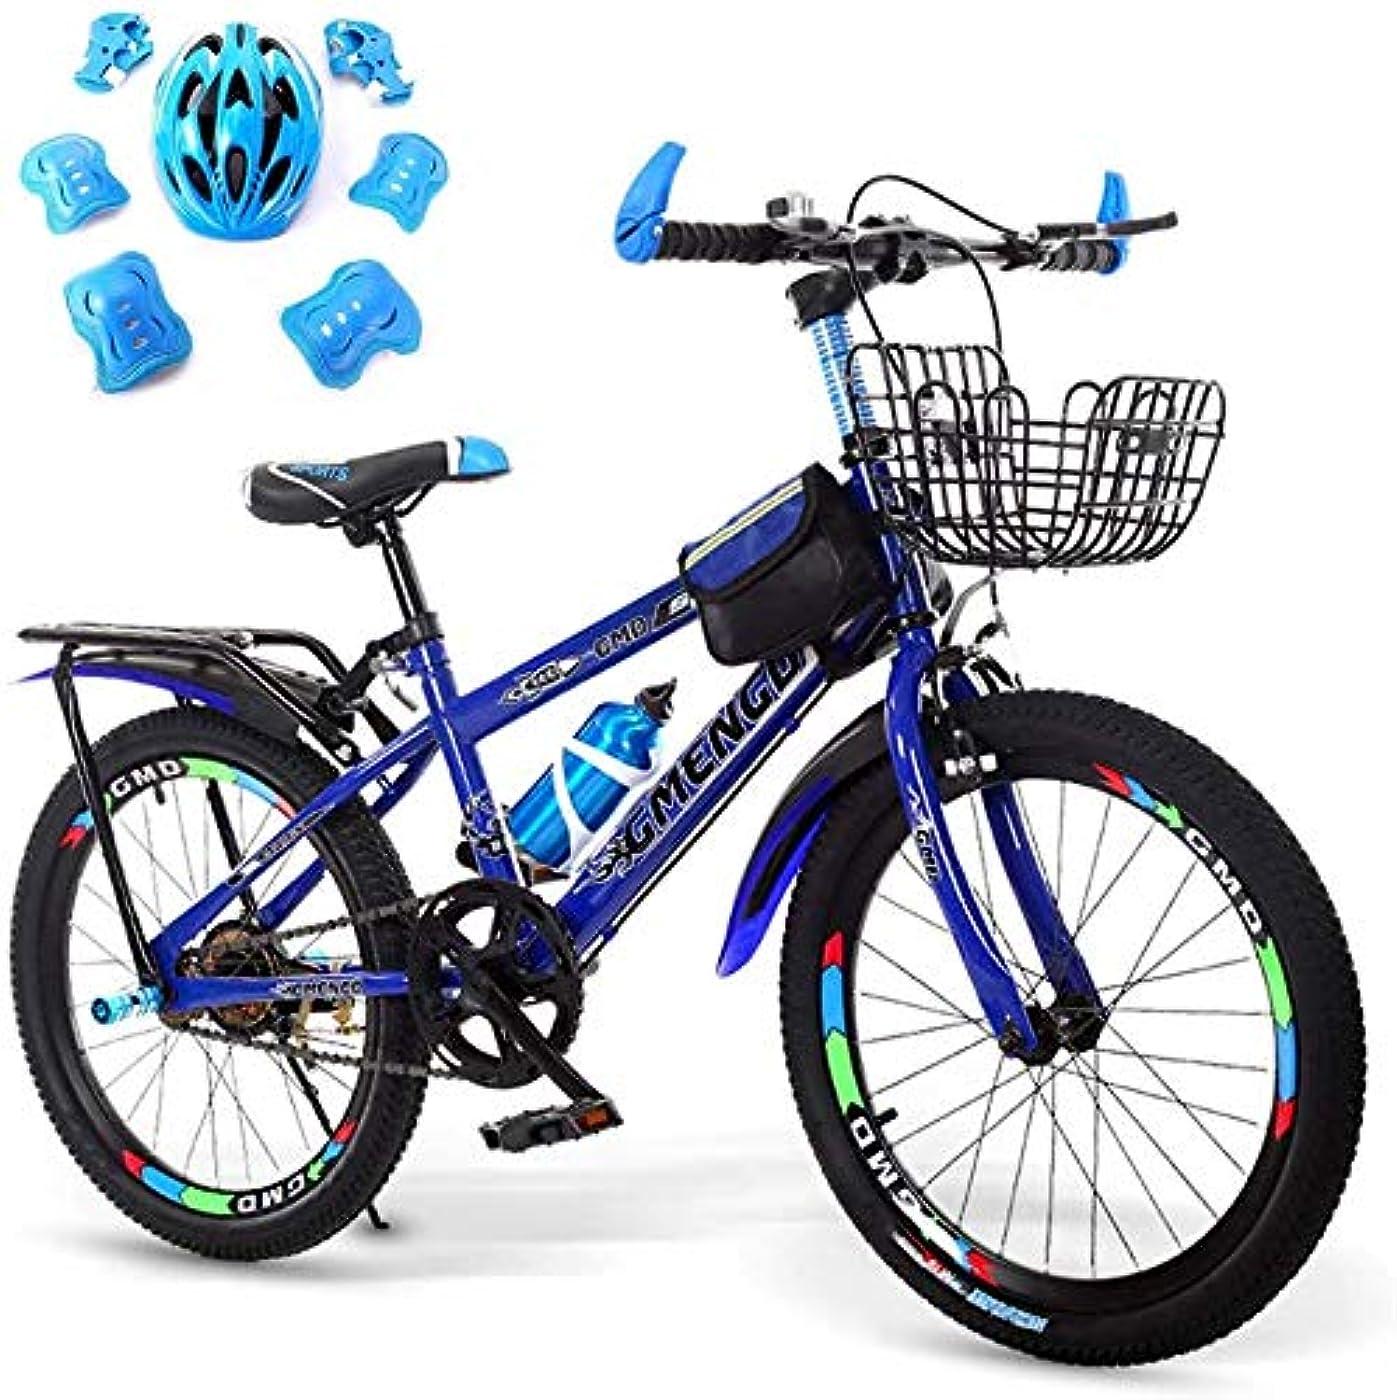 海里ガード所属ブルー子供のマウンテンバイクキット、炭素鋼製のマウンテンバイクの22インチ(120?165センチメートル)シート高調整とデュアルブレーキ、マウンテンバイクの学生